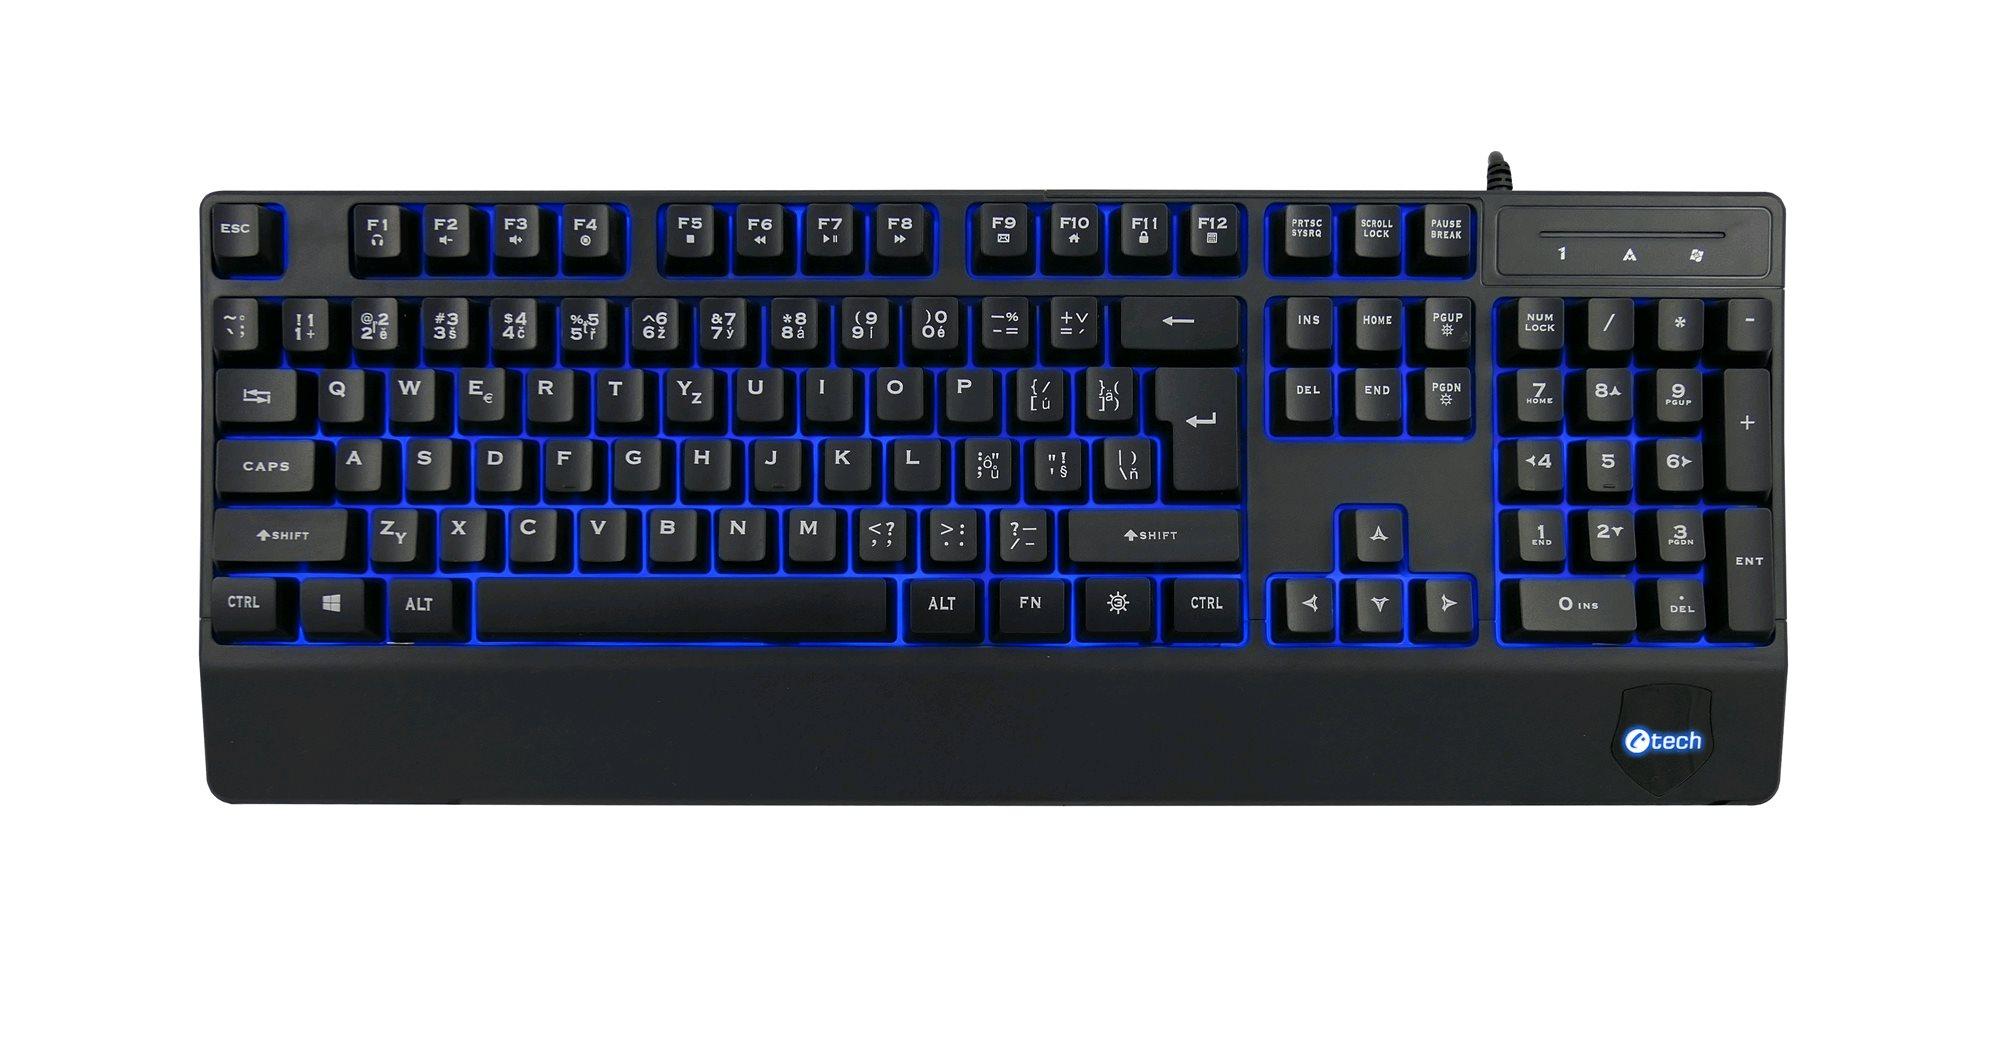 Klávesnice C-TECH KB-104BK, USB, 3 barvy podsvícení, černá, CZ/SK - KB-104BK